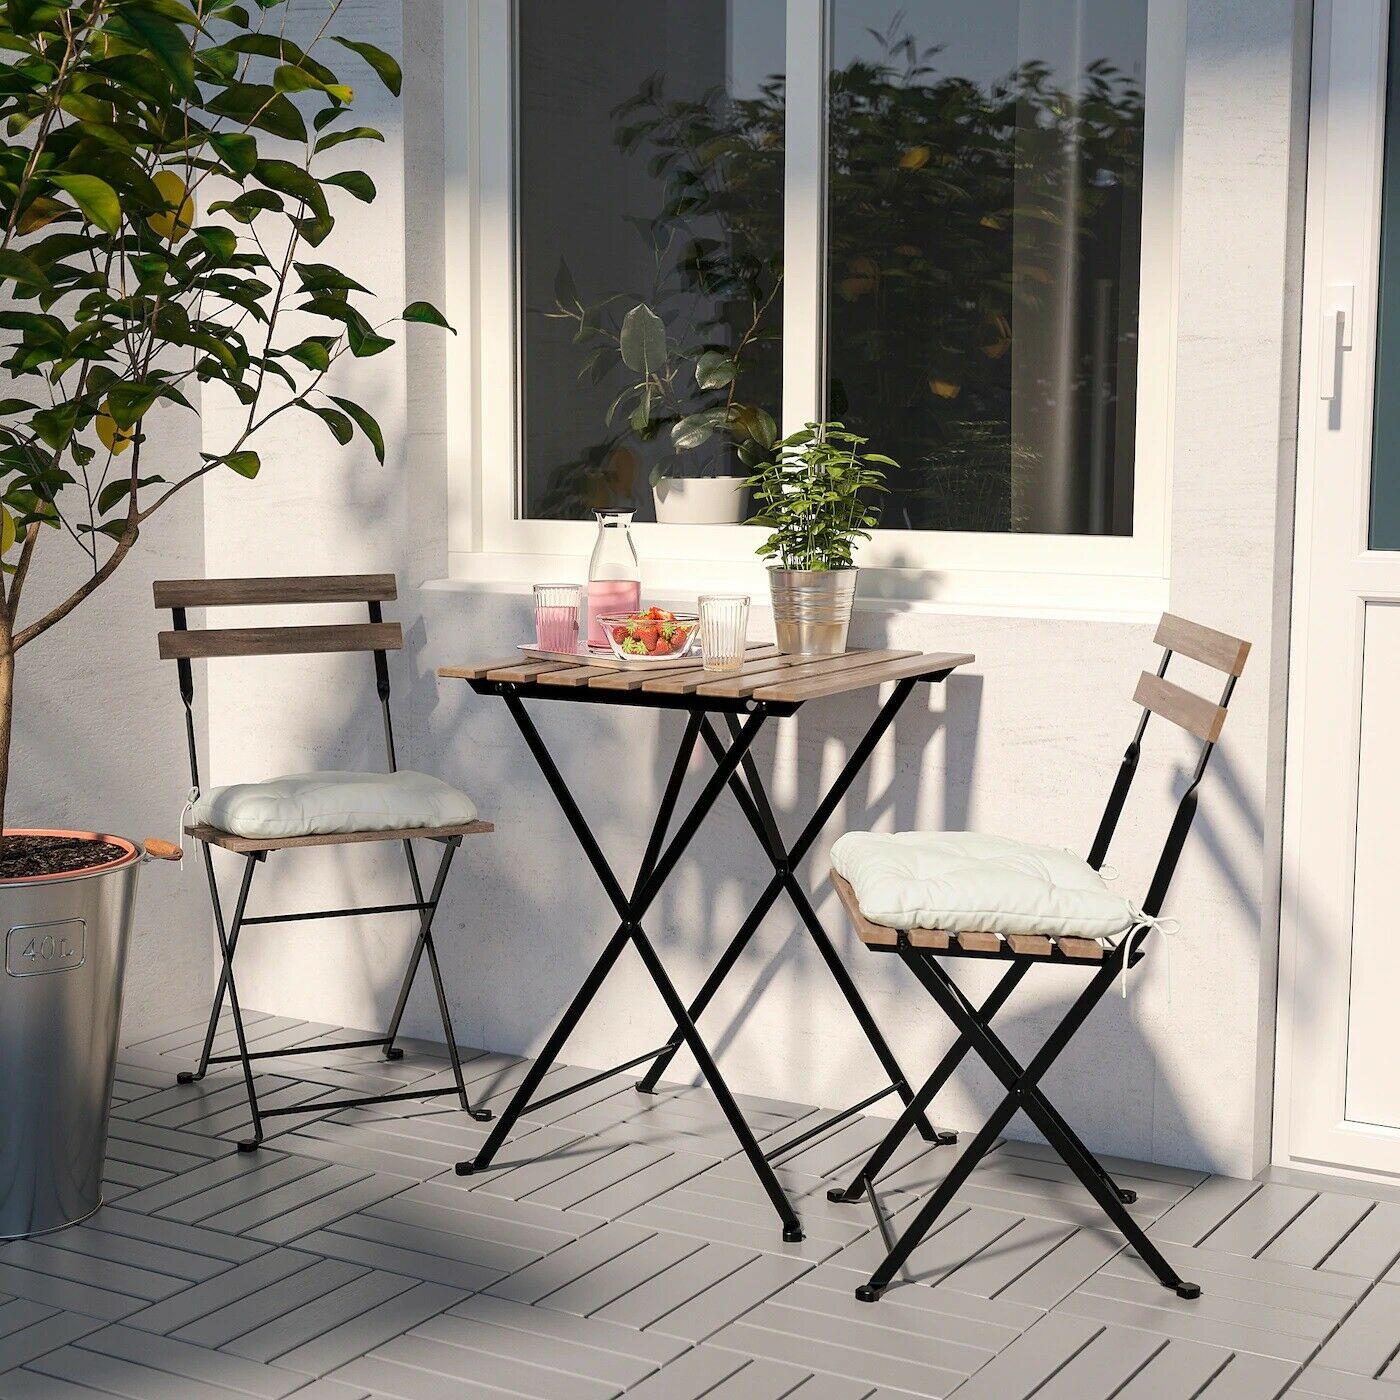 Full Size of Rattan Beistelltisch Ikea Trn Gartenmbel Stuhl Tisch Balkon Terrasse Bett Polyrattan Sofa Garten Küche Kaufen Kosten Miniküche Rattanmöbel Mit Wohnzimmer Rattan Beistelltisch Ikea